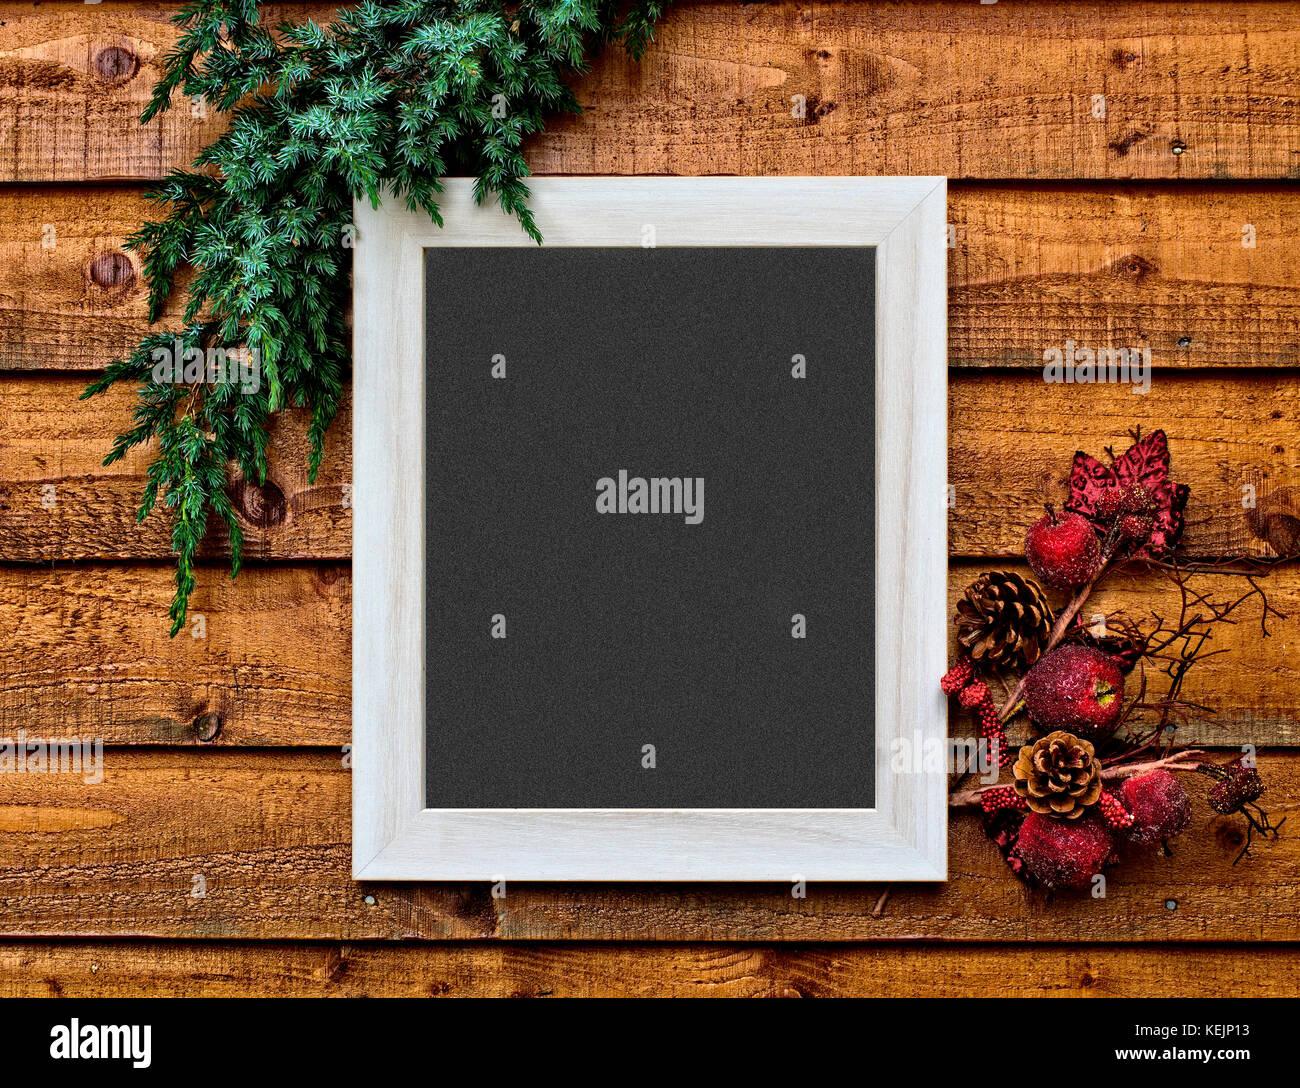 Weihnachtskarte Photo, mit Platz in der Gerahmten Blackboard eine persönliche Nachricht zu schreiben Stockbild